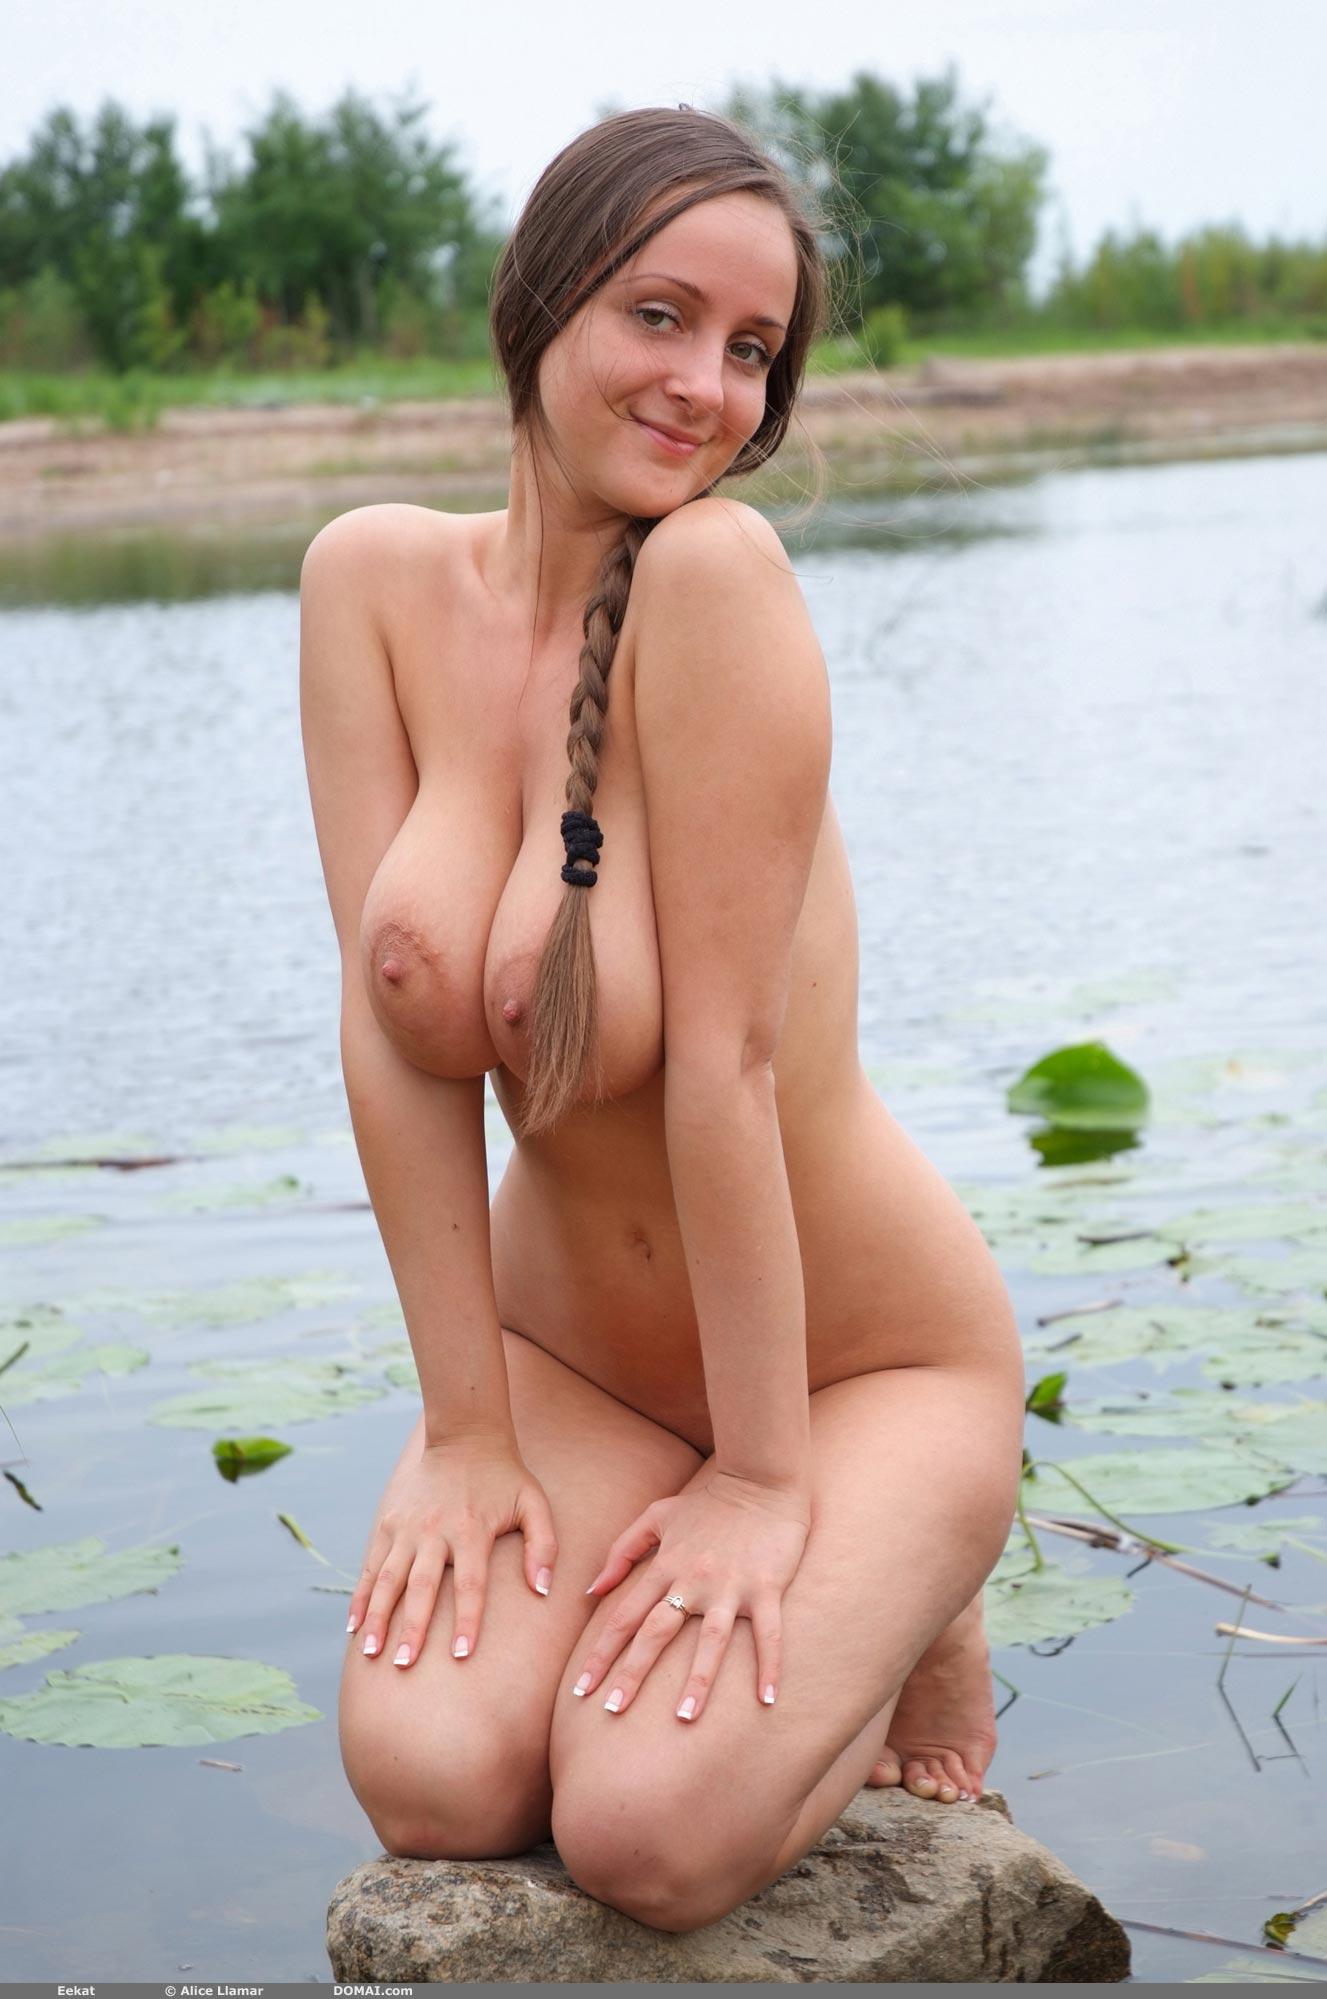 Сисястые девушки русские 13 фотография